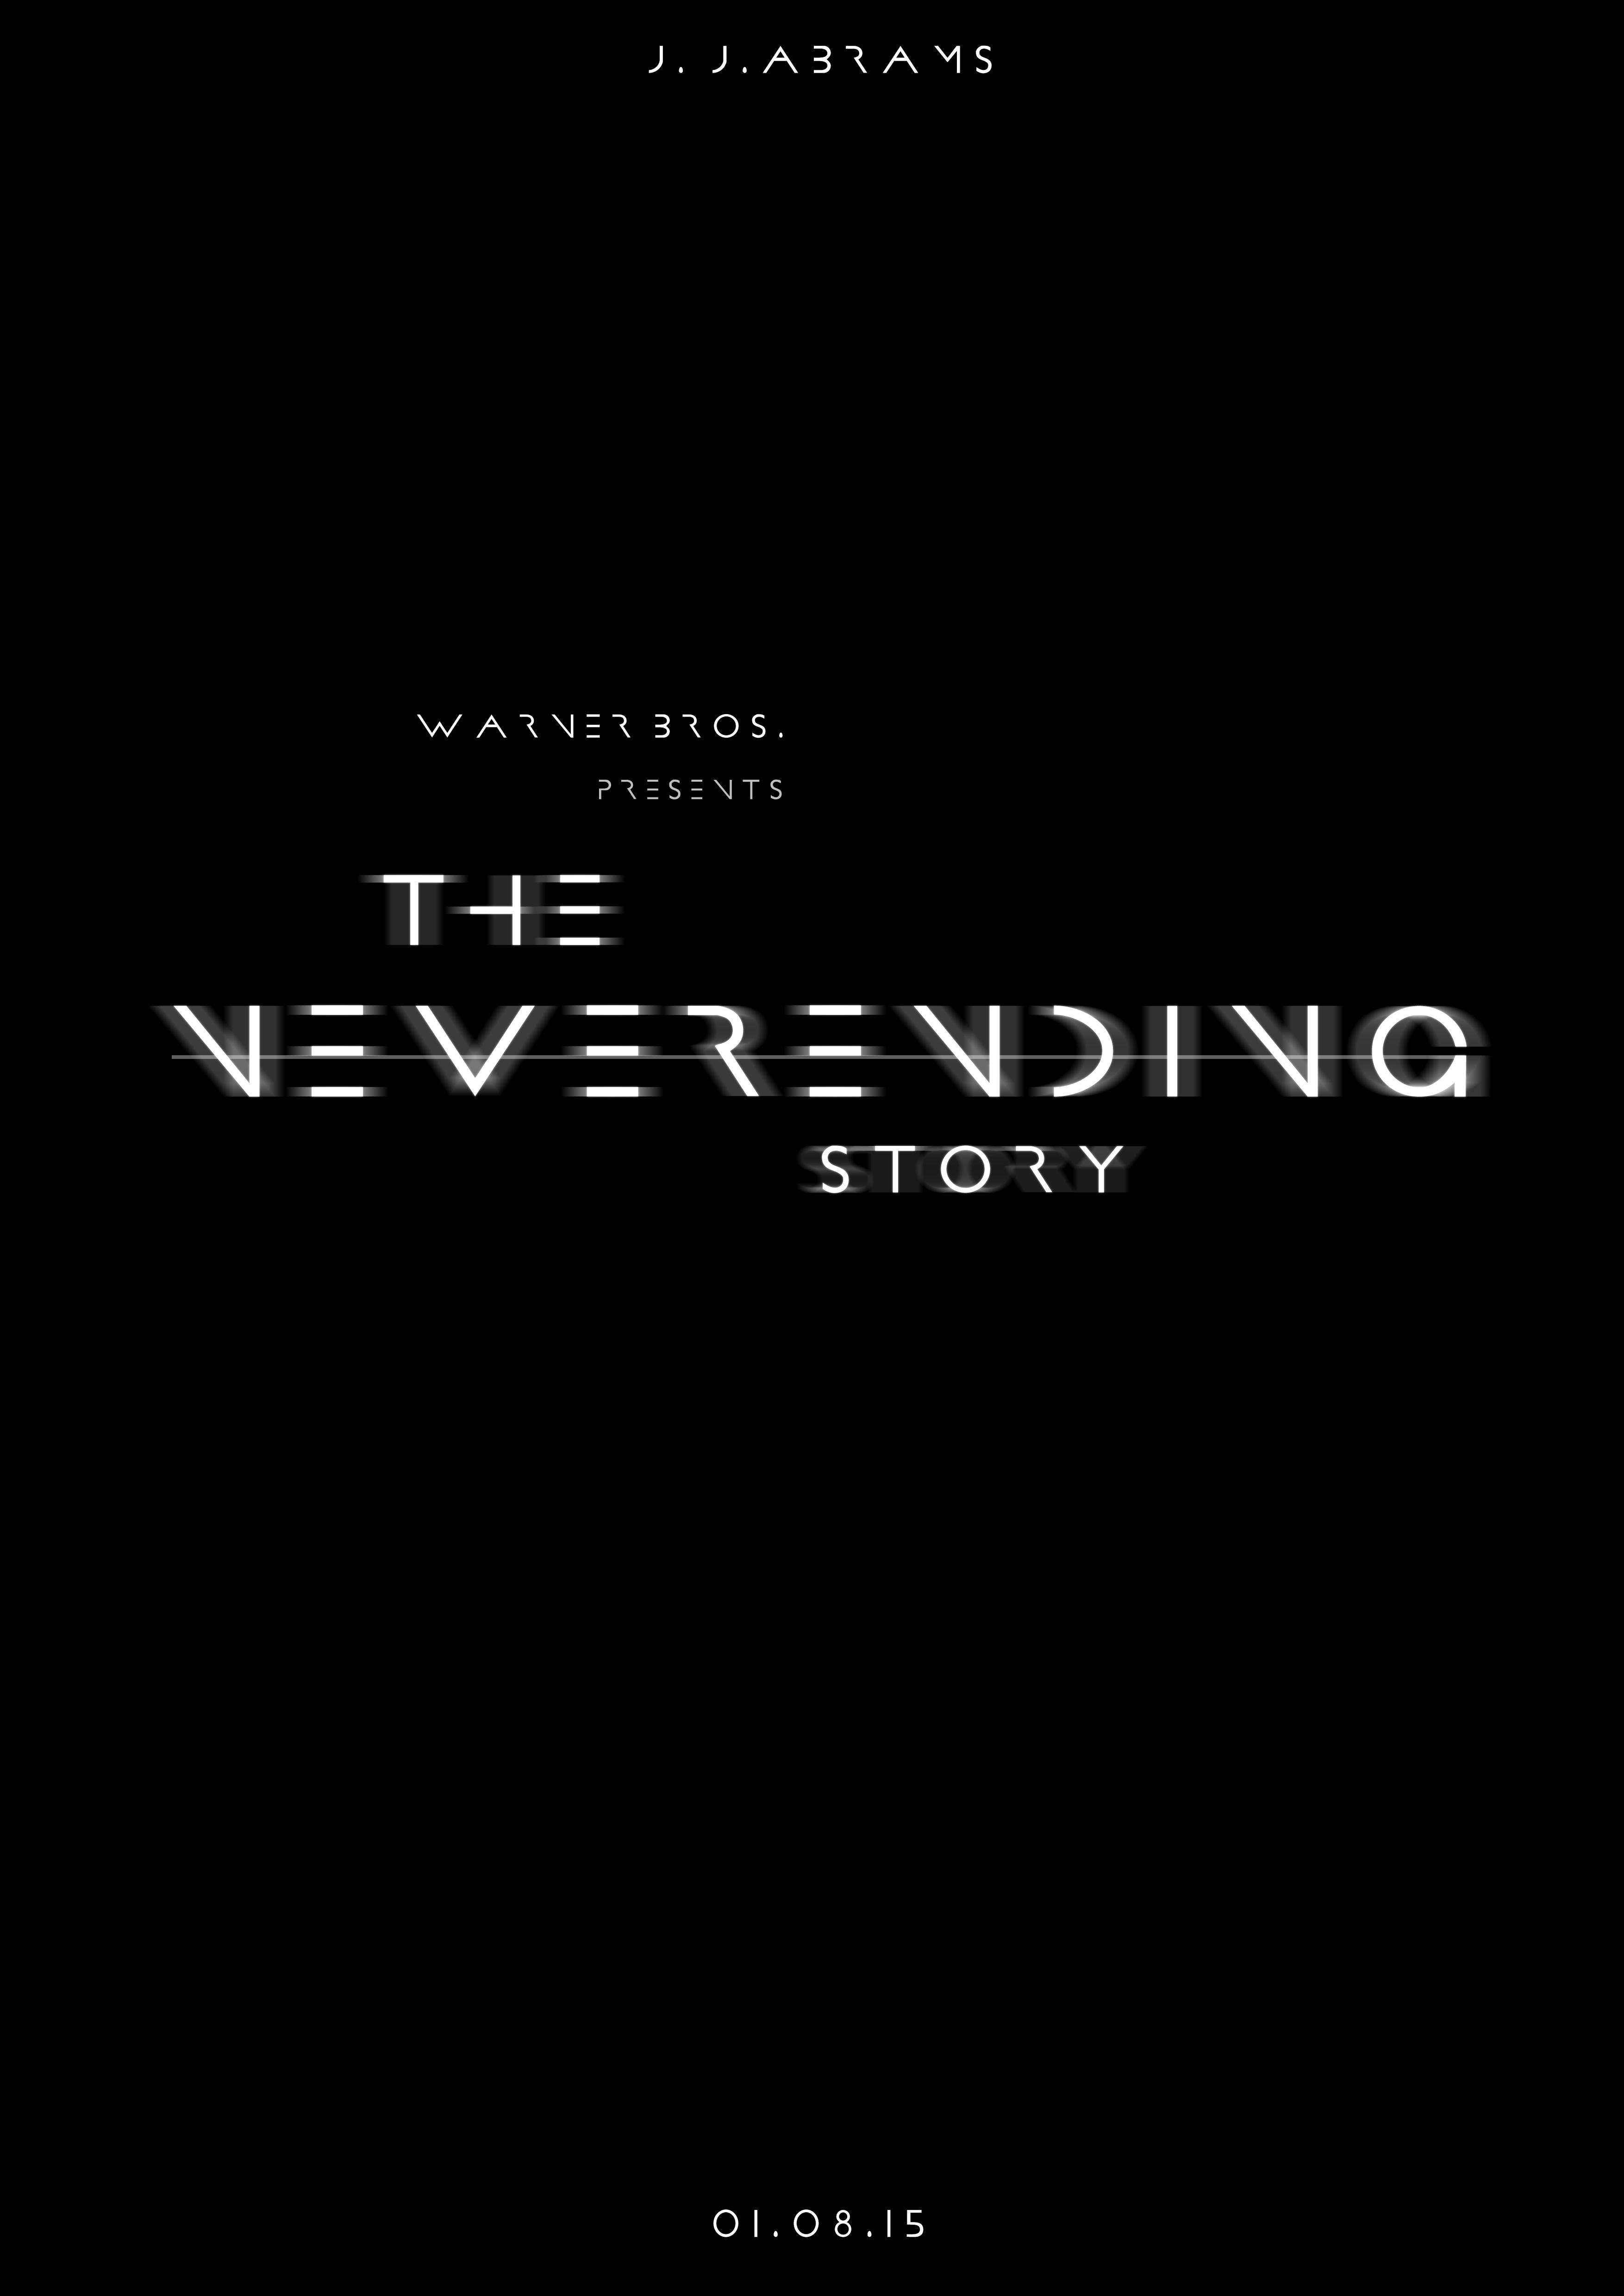 The Neverending Story (2015 film)